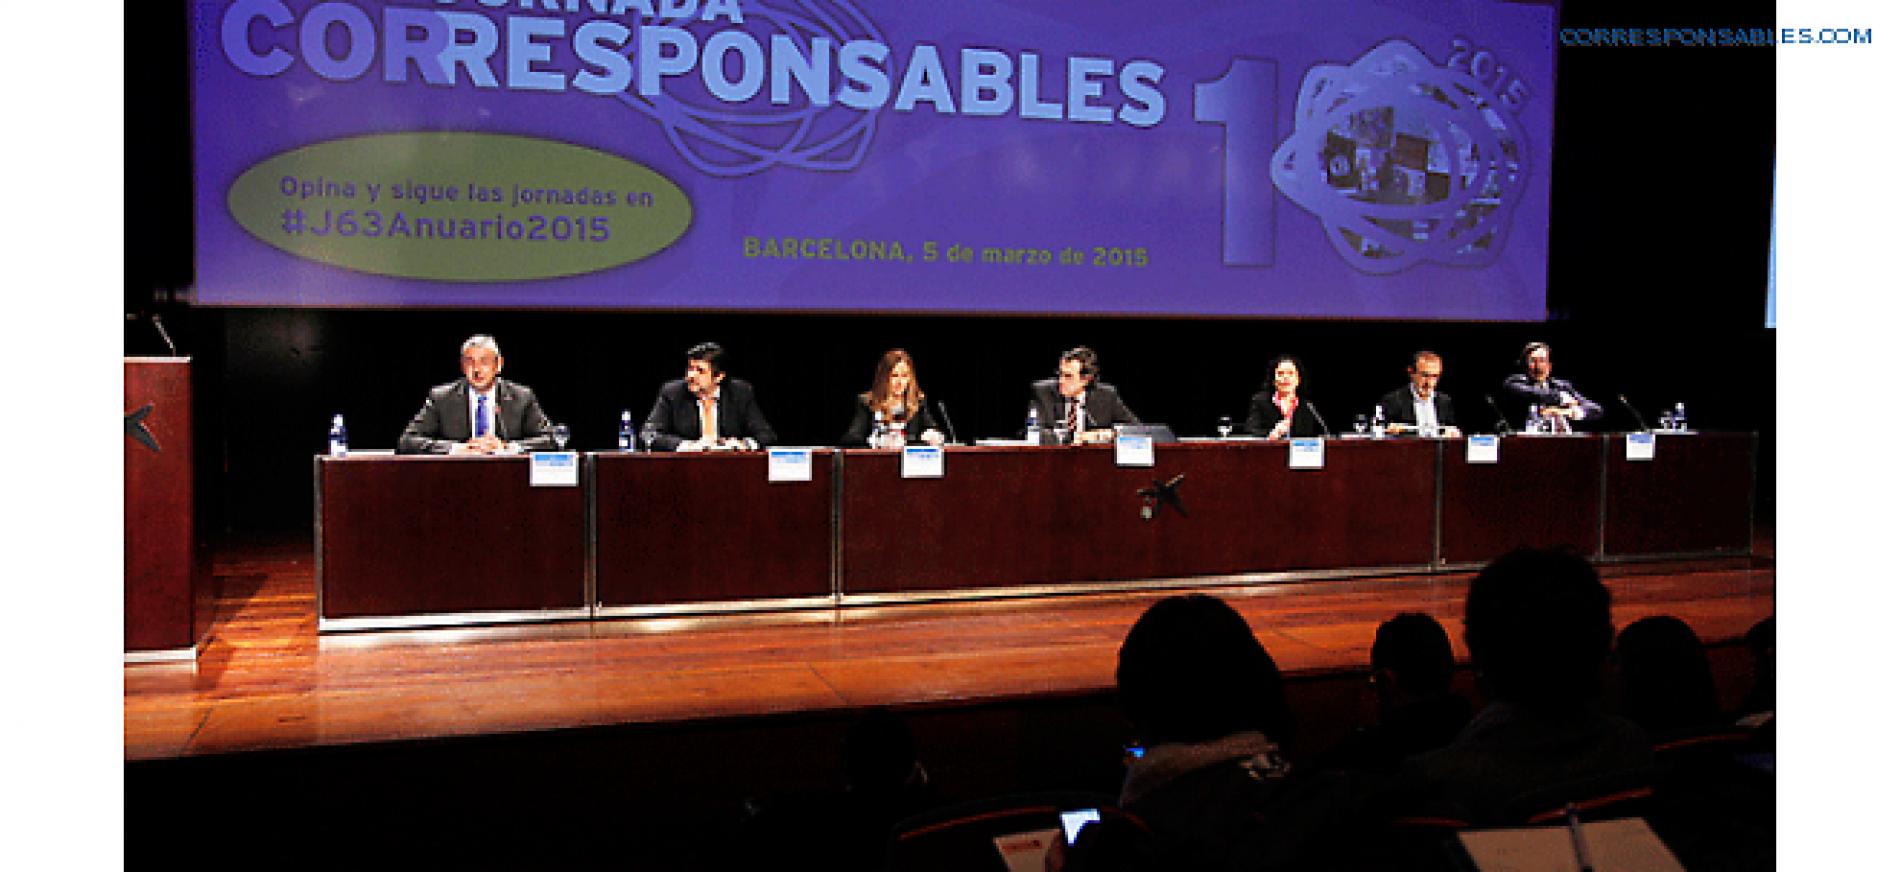 El president de Respon.cat destaca el repte de la igualtat, en l'acte de Corresponsables